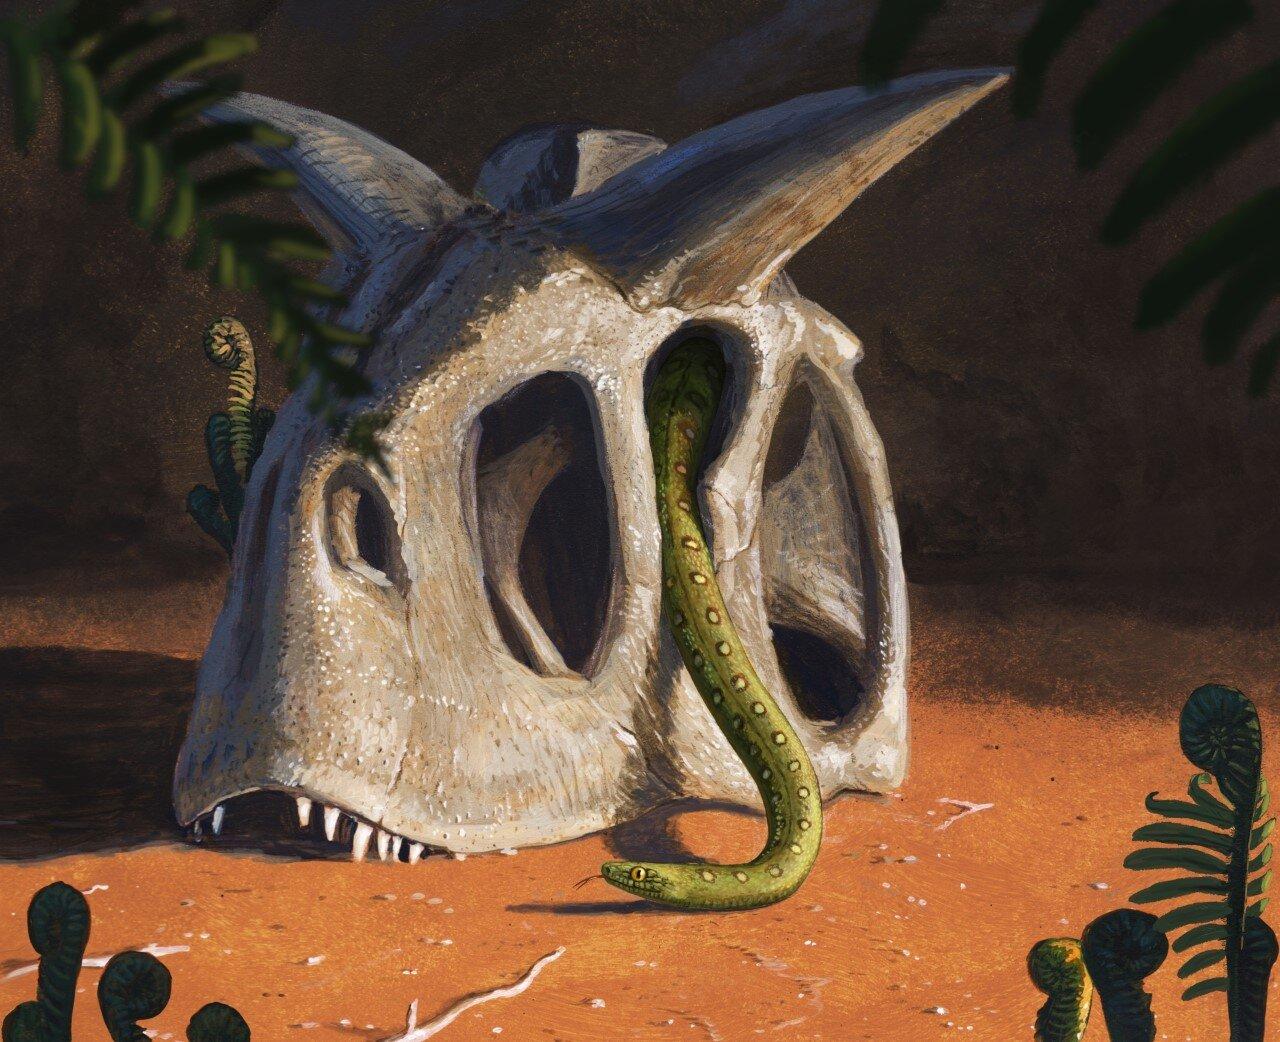 小行星撞击地球在白垩纪末消灭了恐龙 蛇却进化了(Credit: Joschua Knüppe)